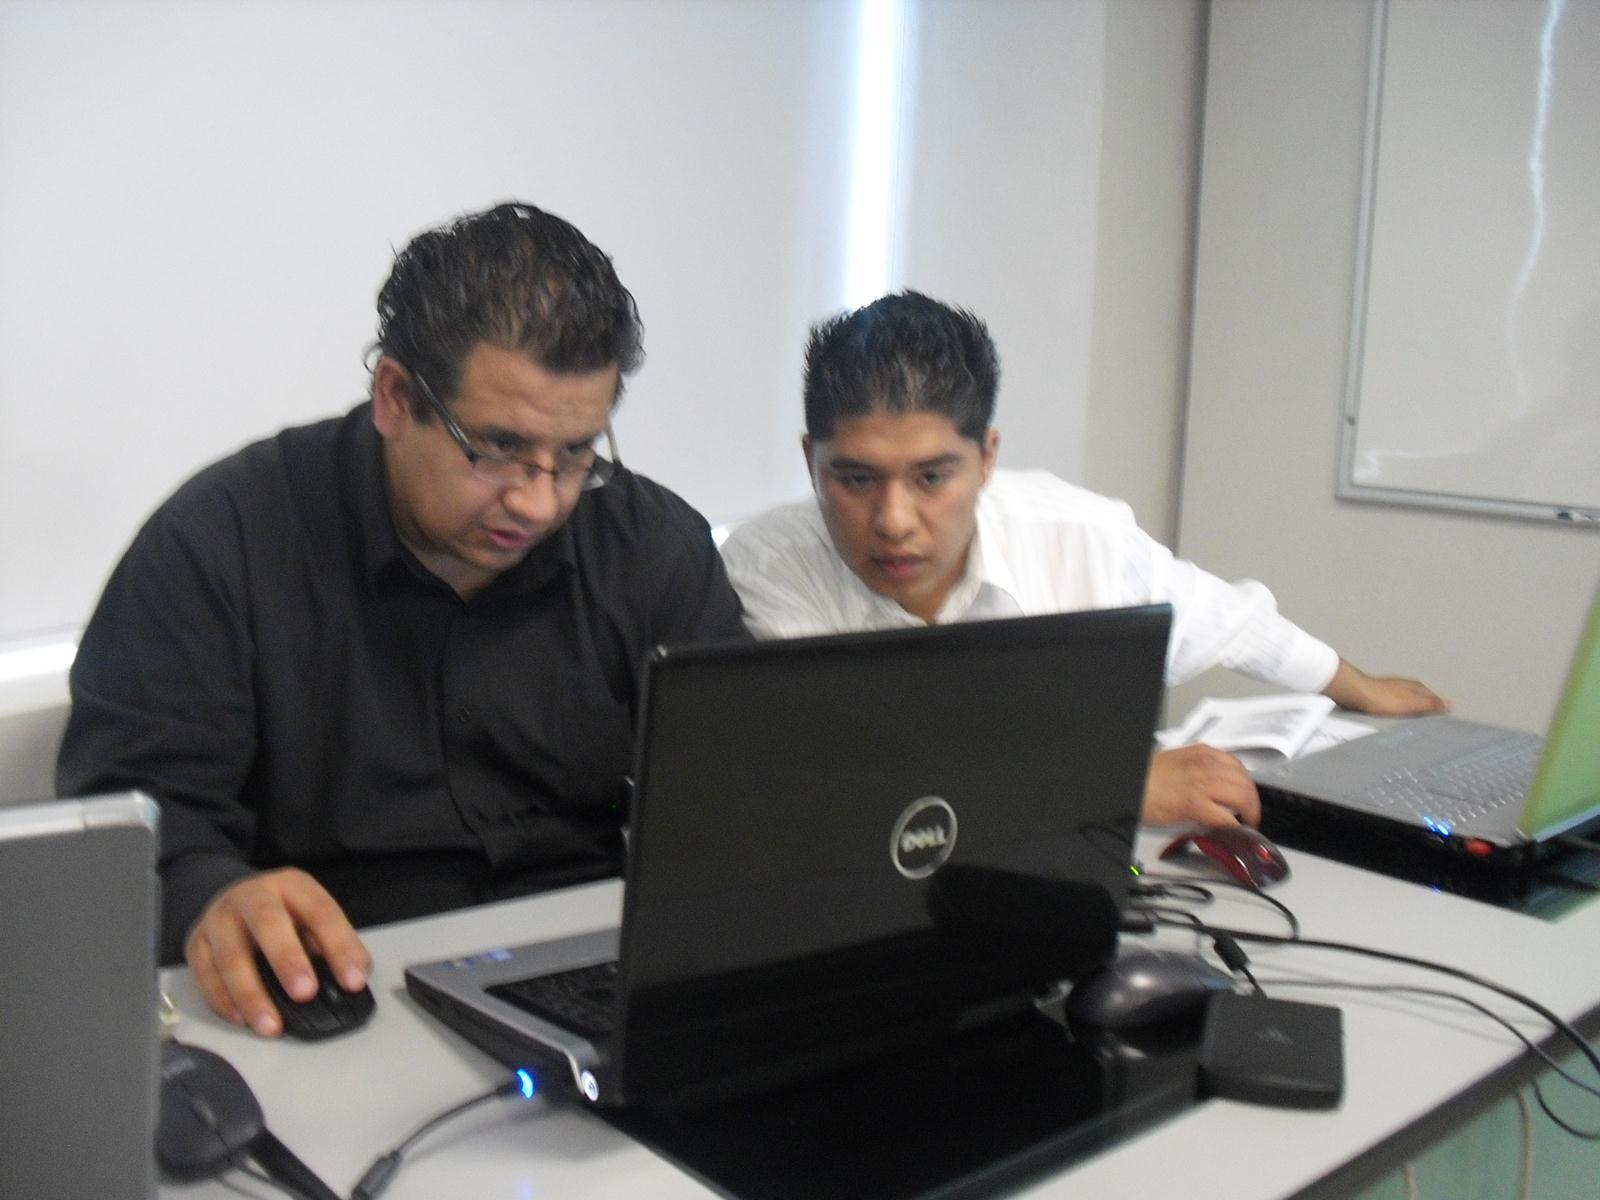 Preparando la presentacion